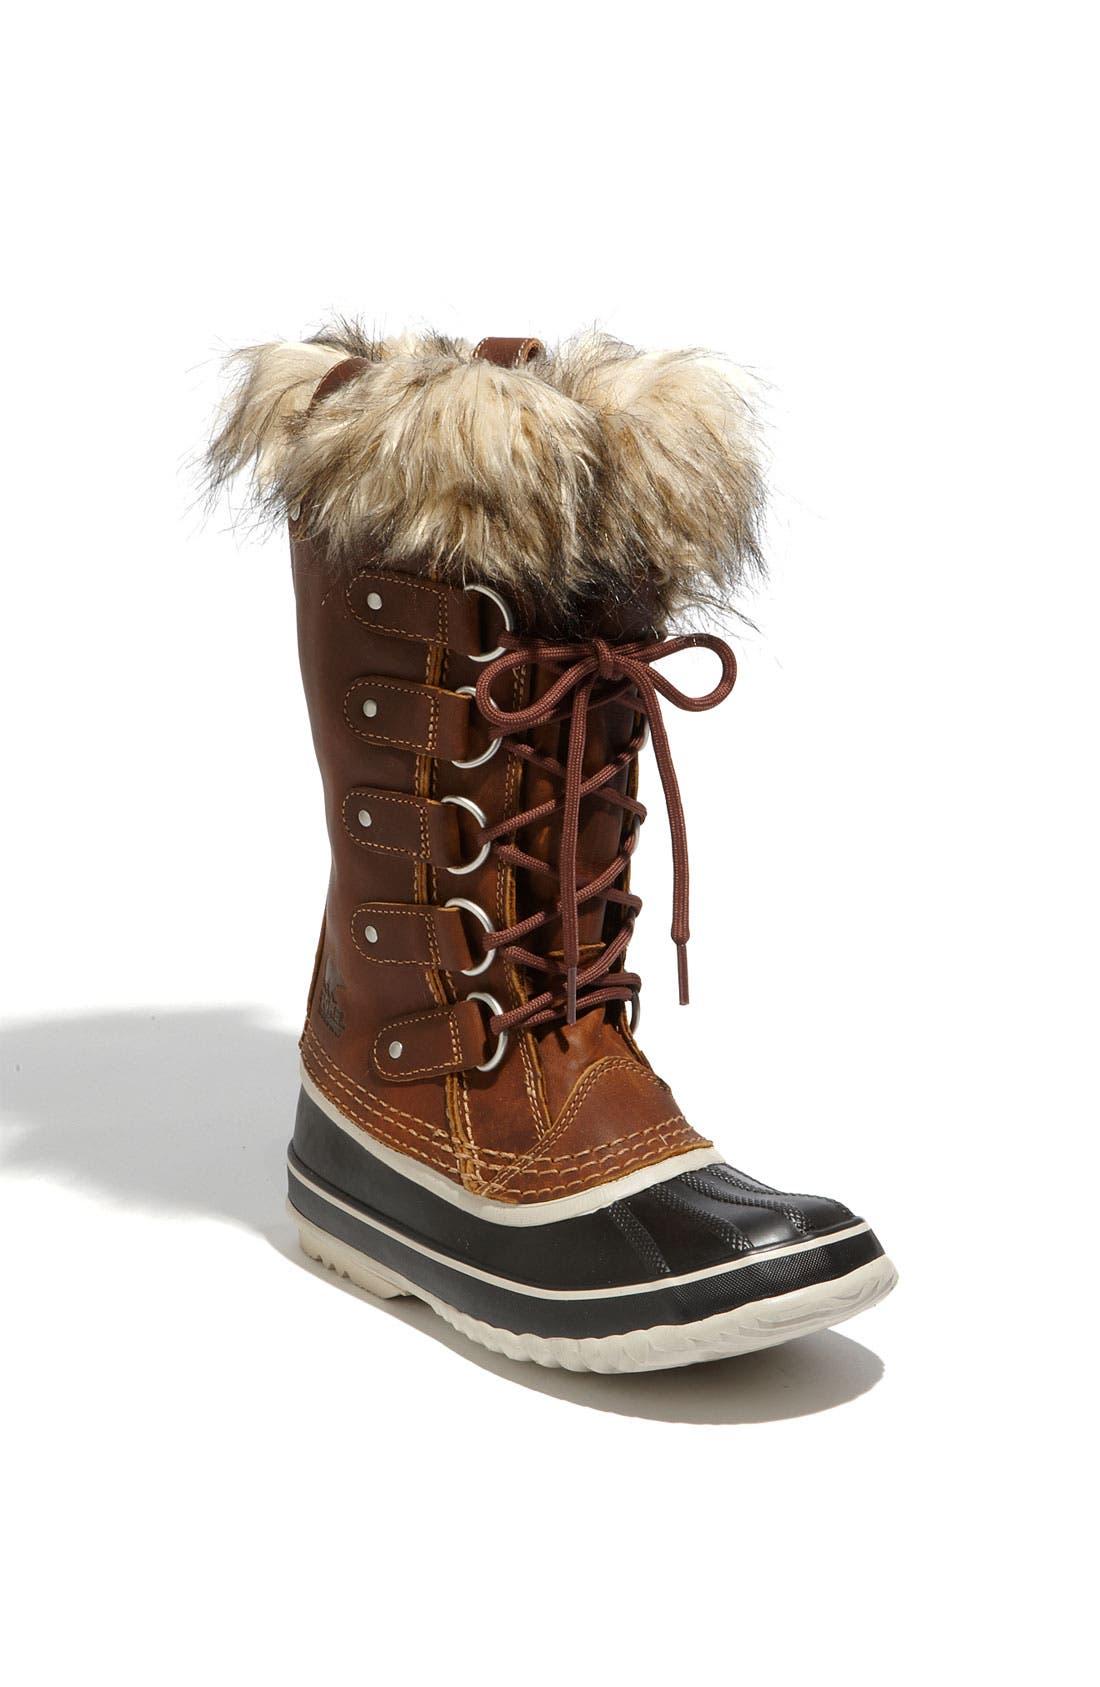 Main Image - SOREL 'Joan of Arctic 64' Boot